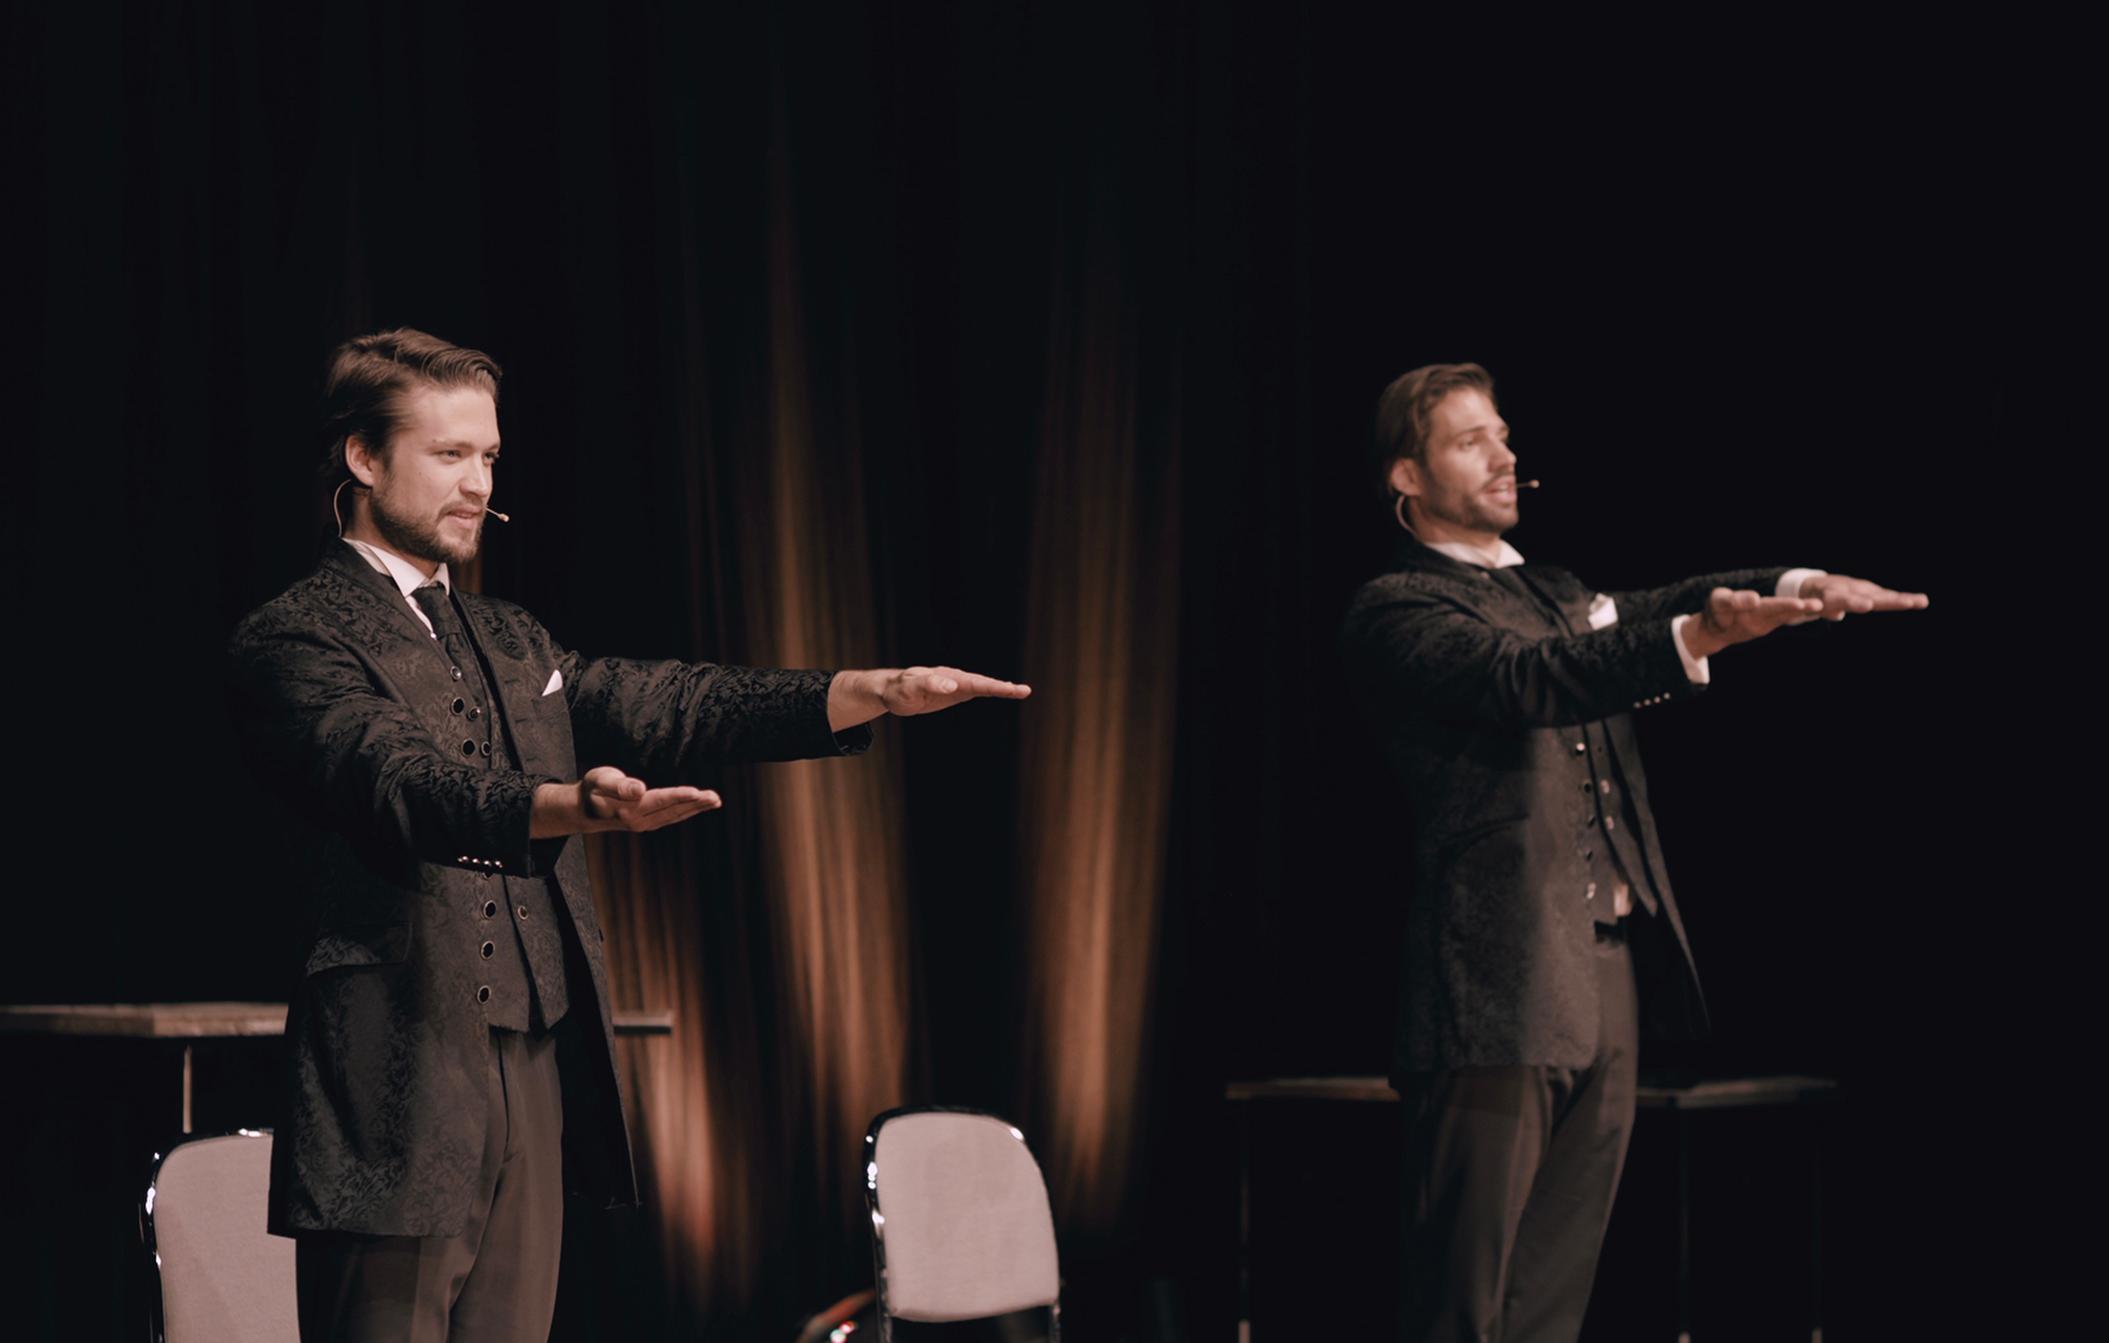 zaubershow-moenchengladbach-bg3